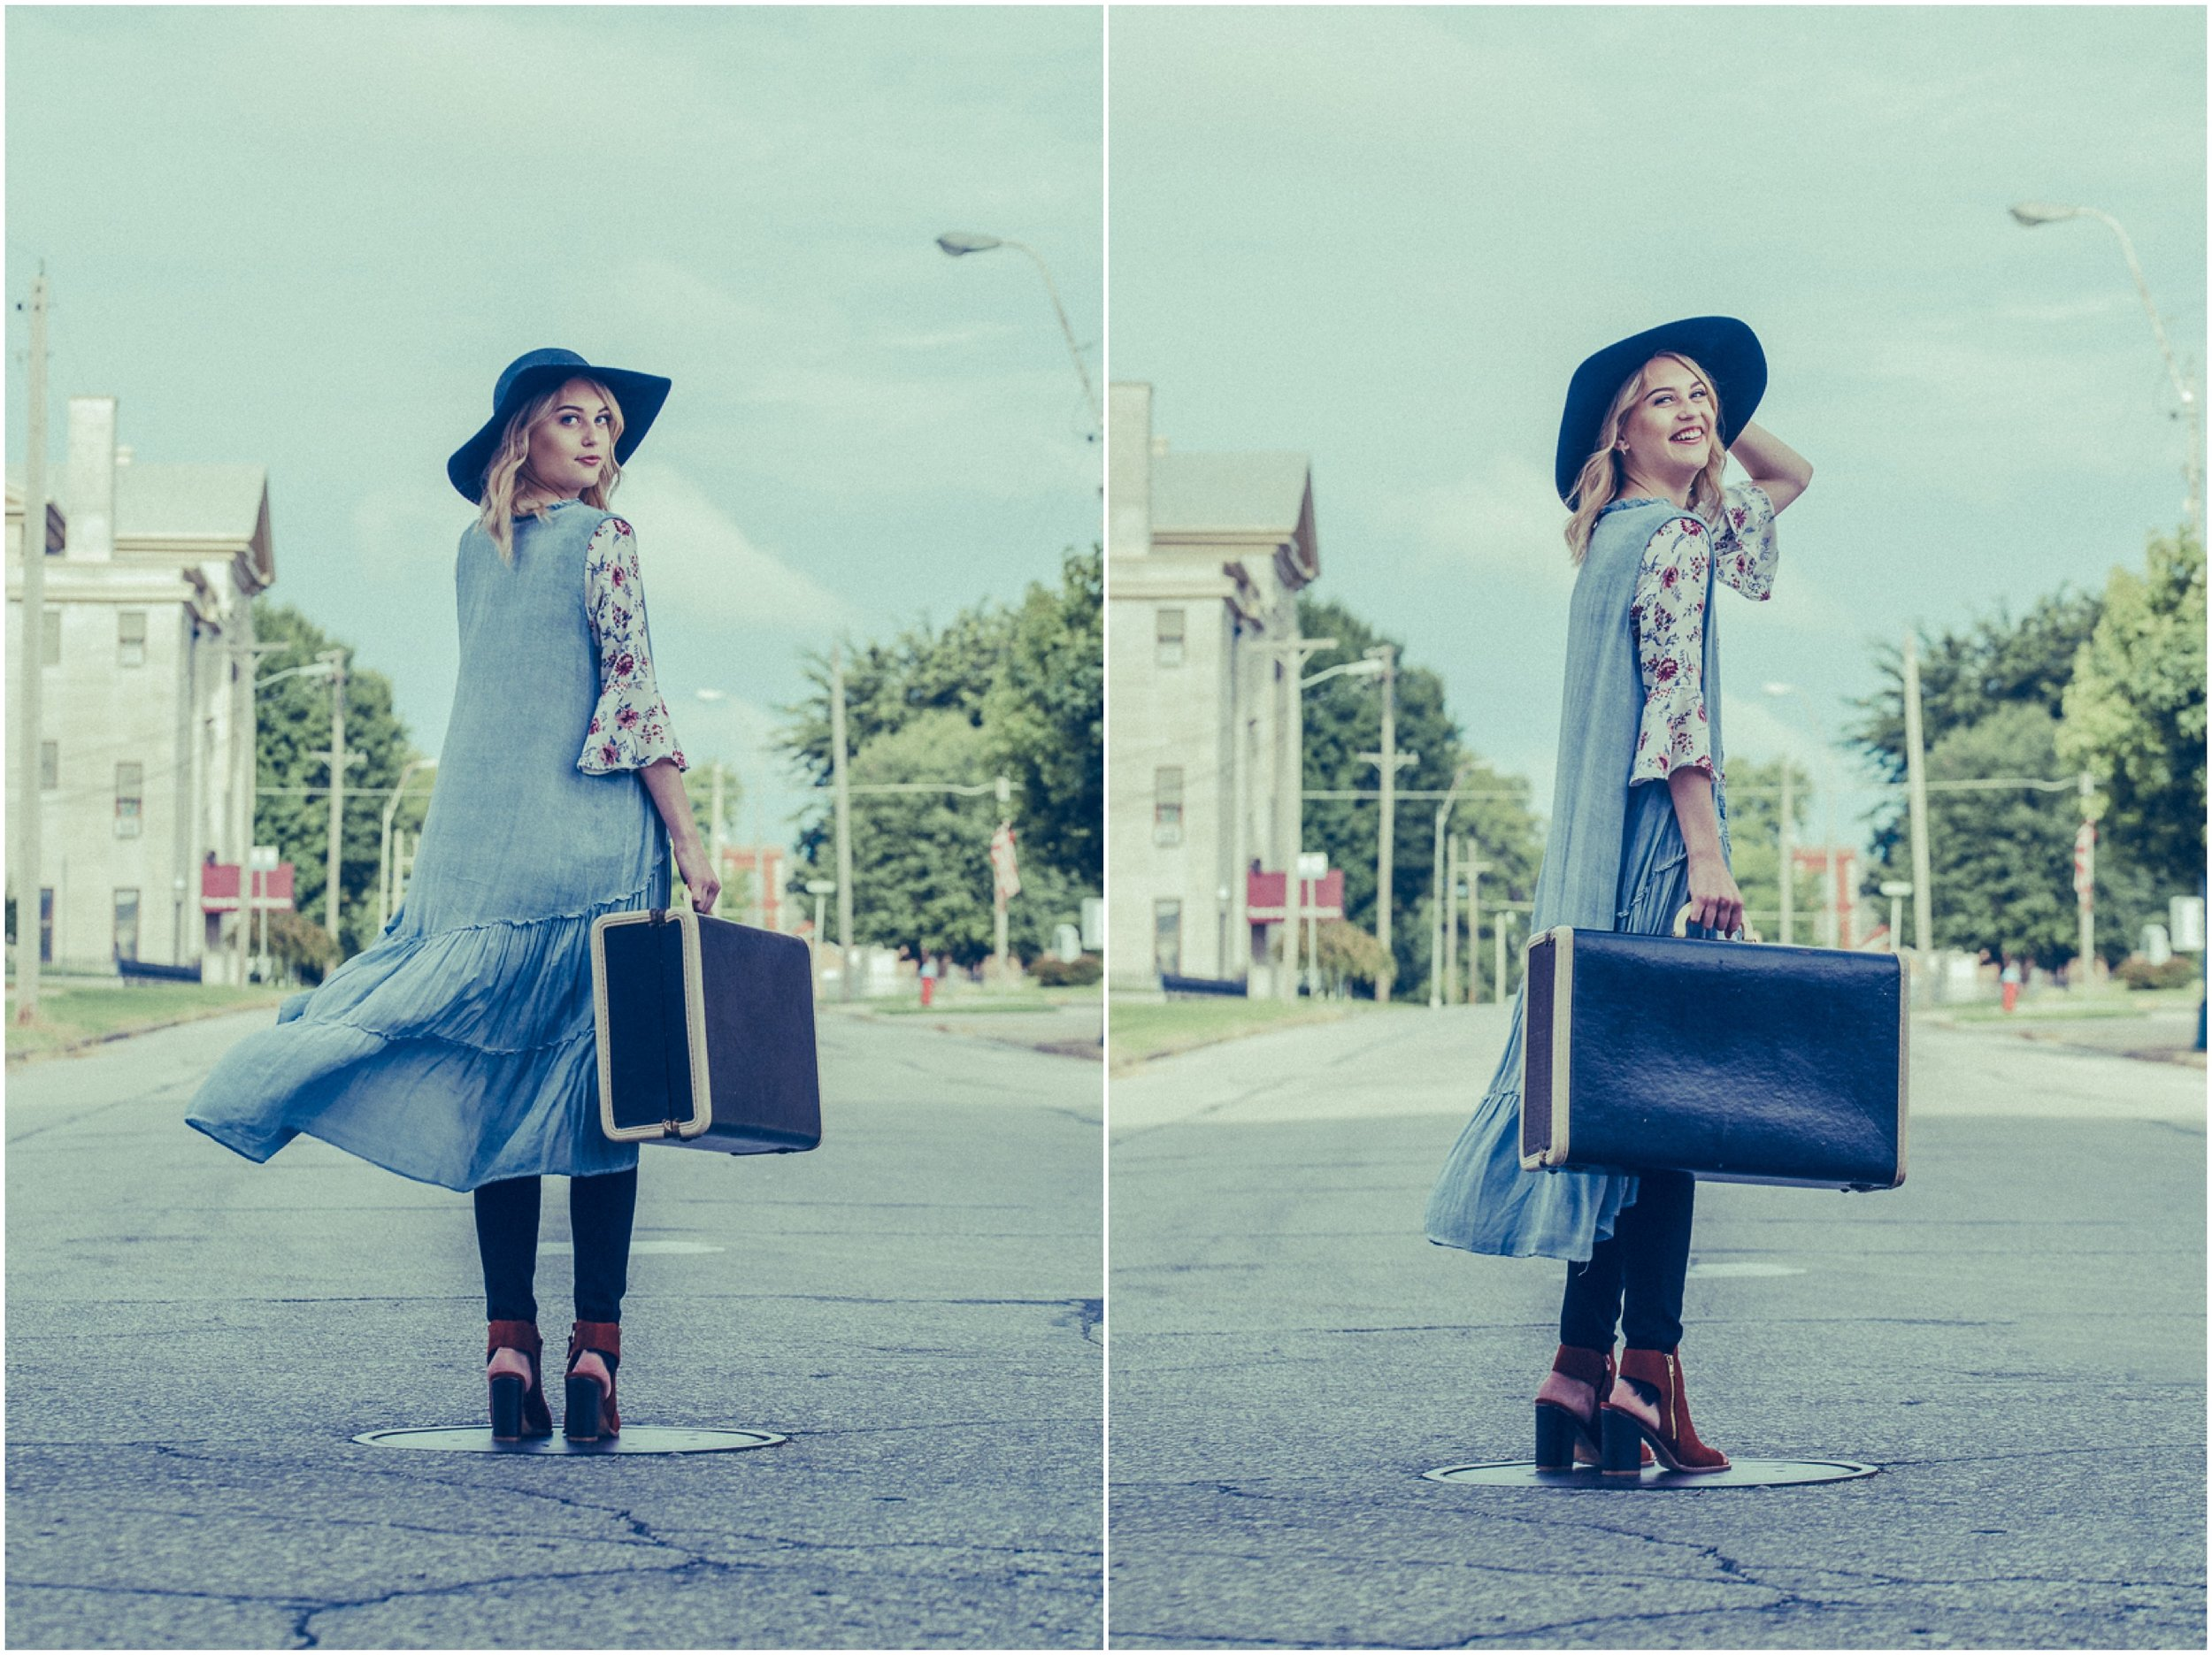 kaitlyn retro model photo session_0007.jpg